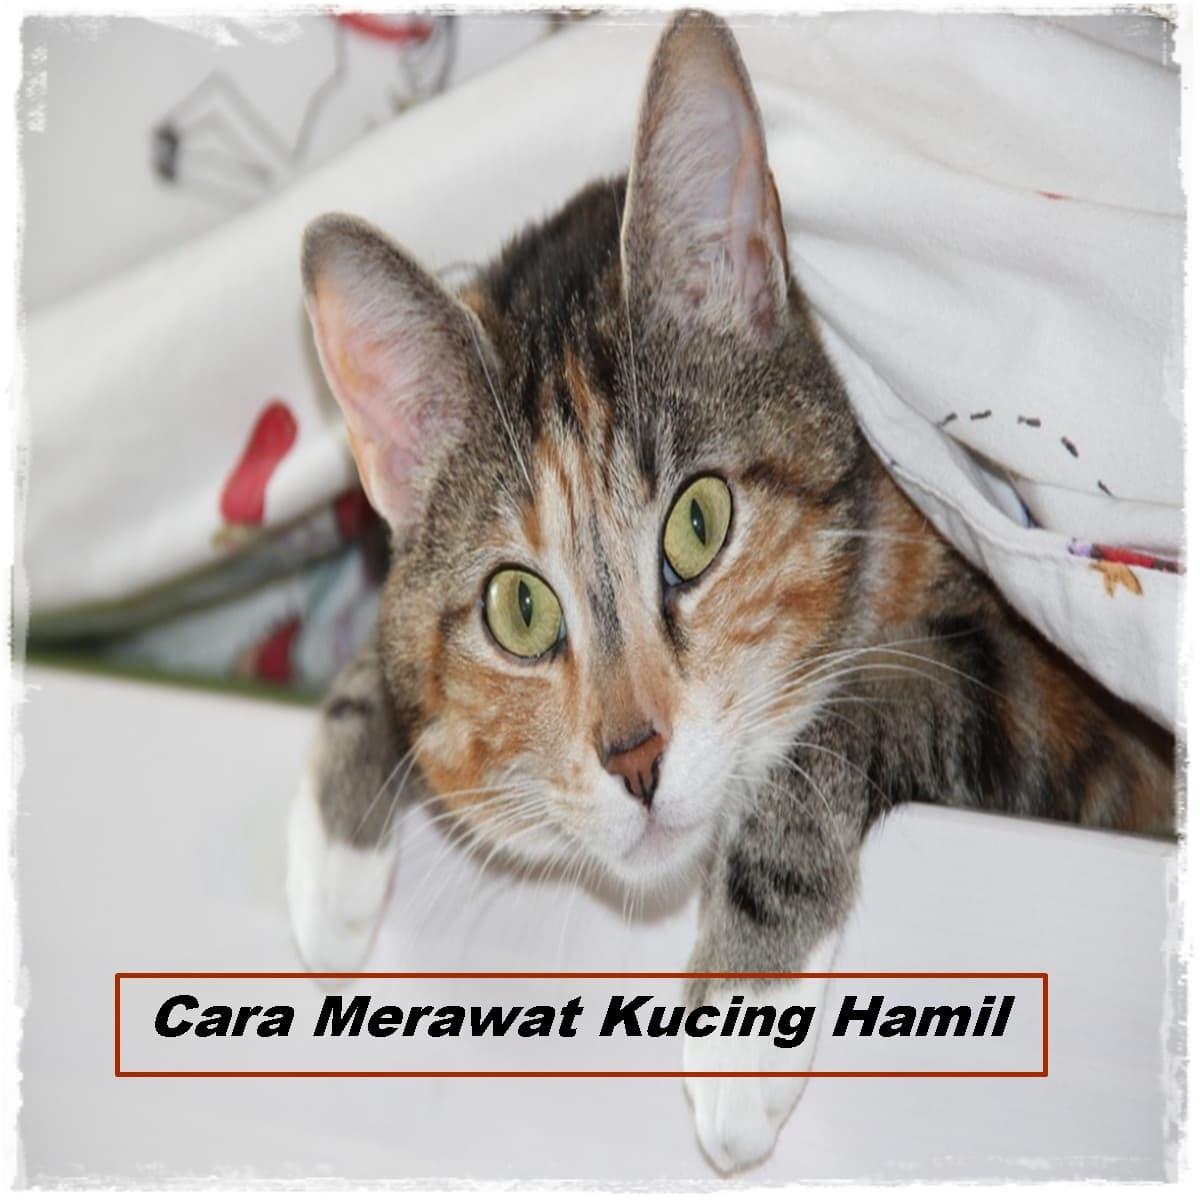 Cara Merawat Kucing Hamil yang Benar Untuk Pemula